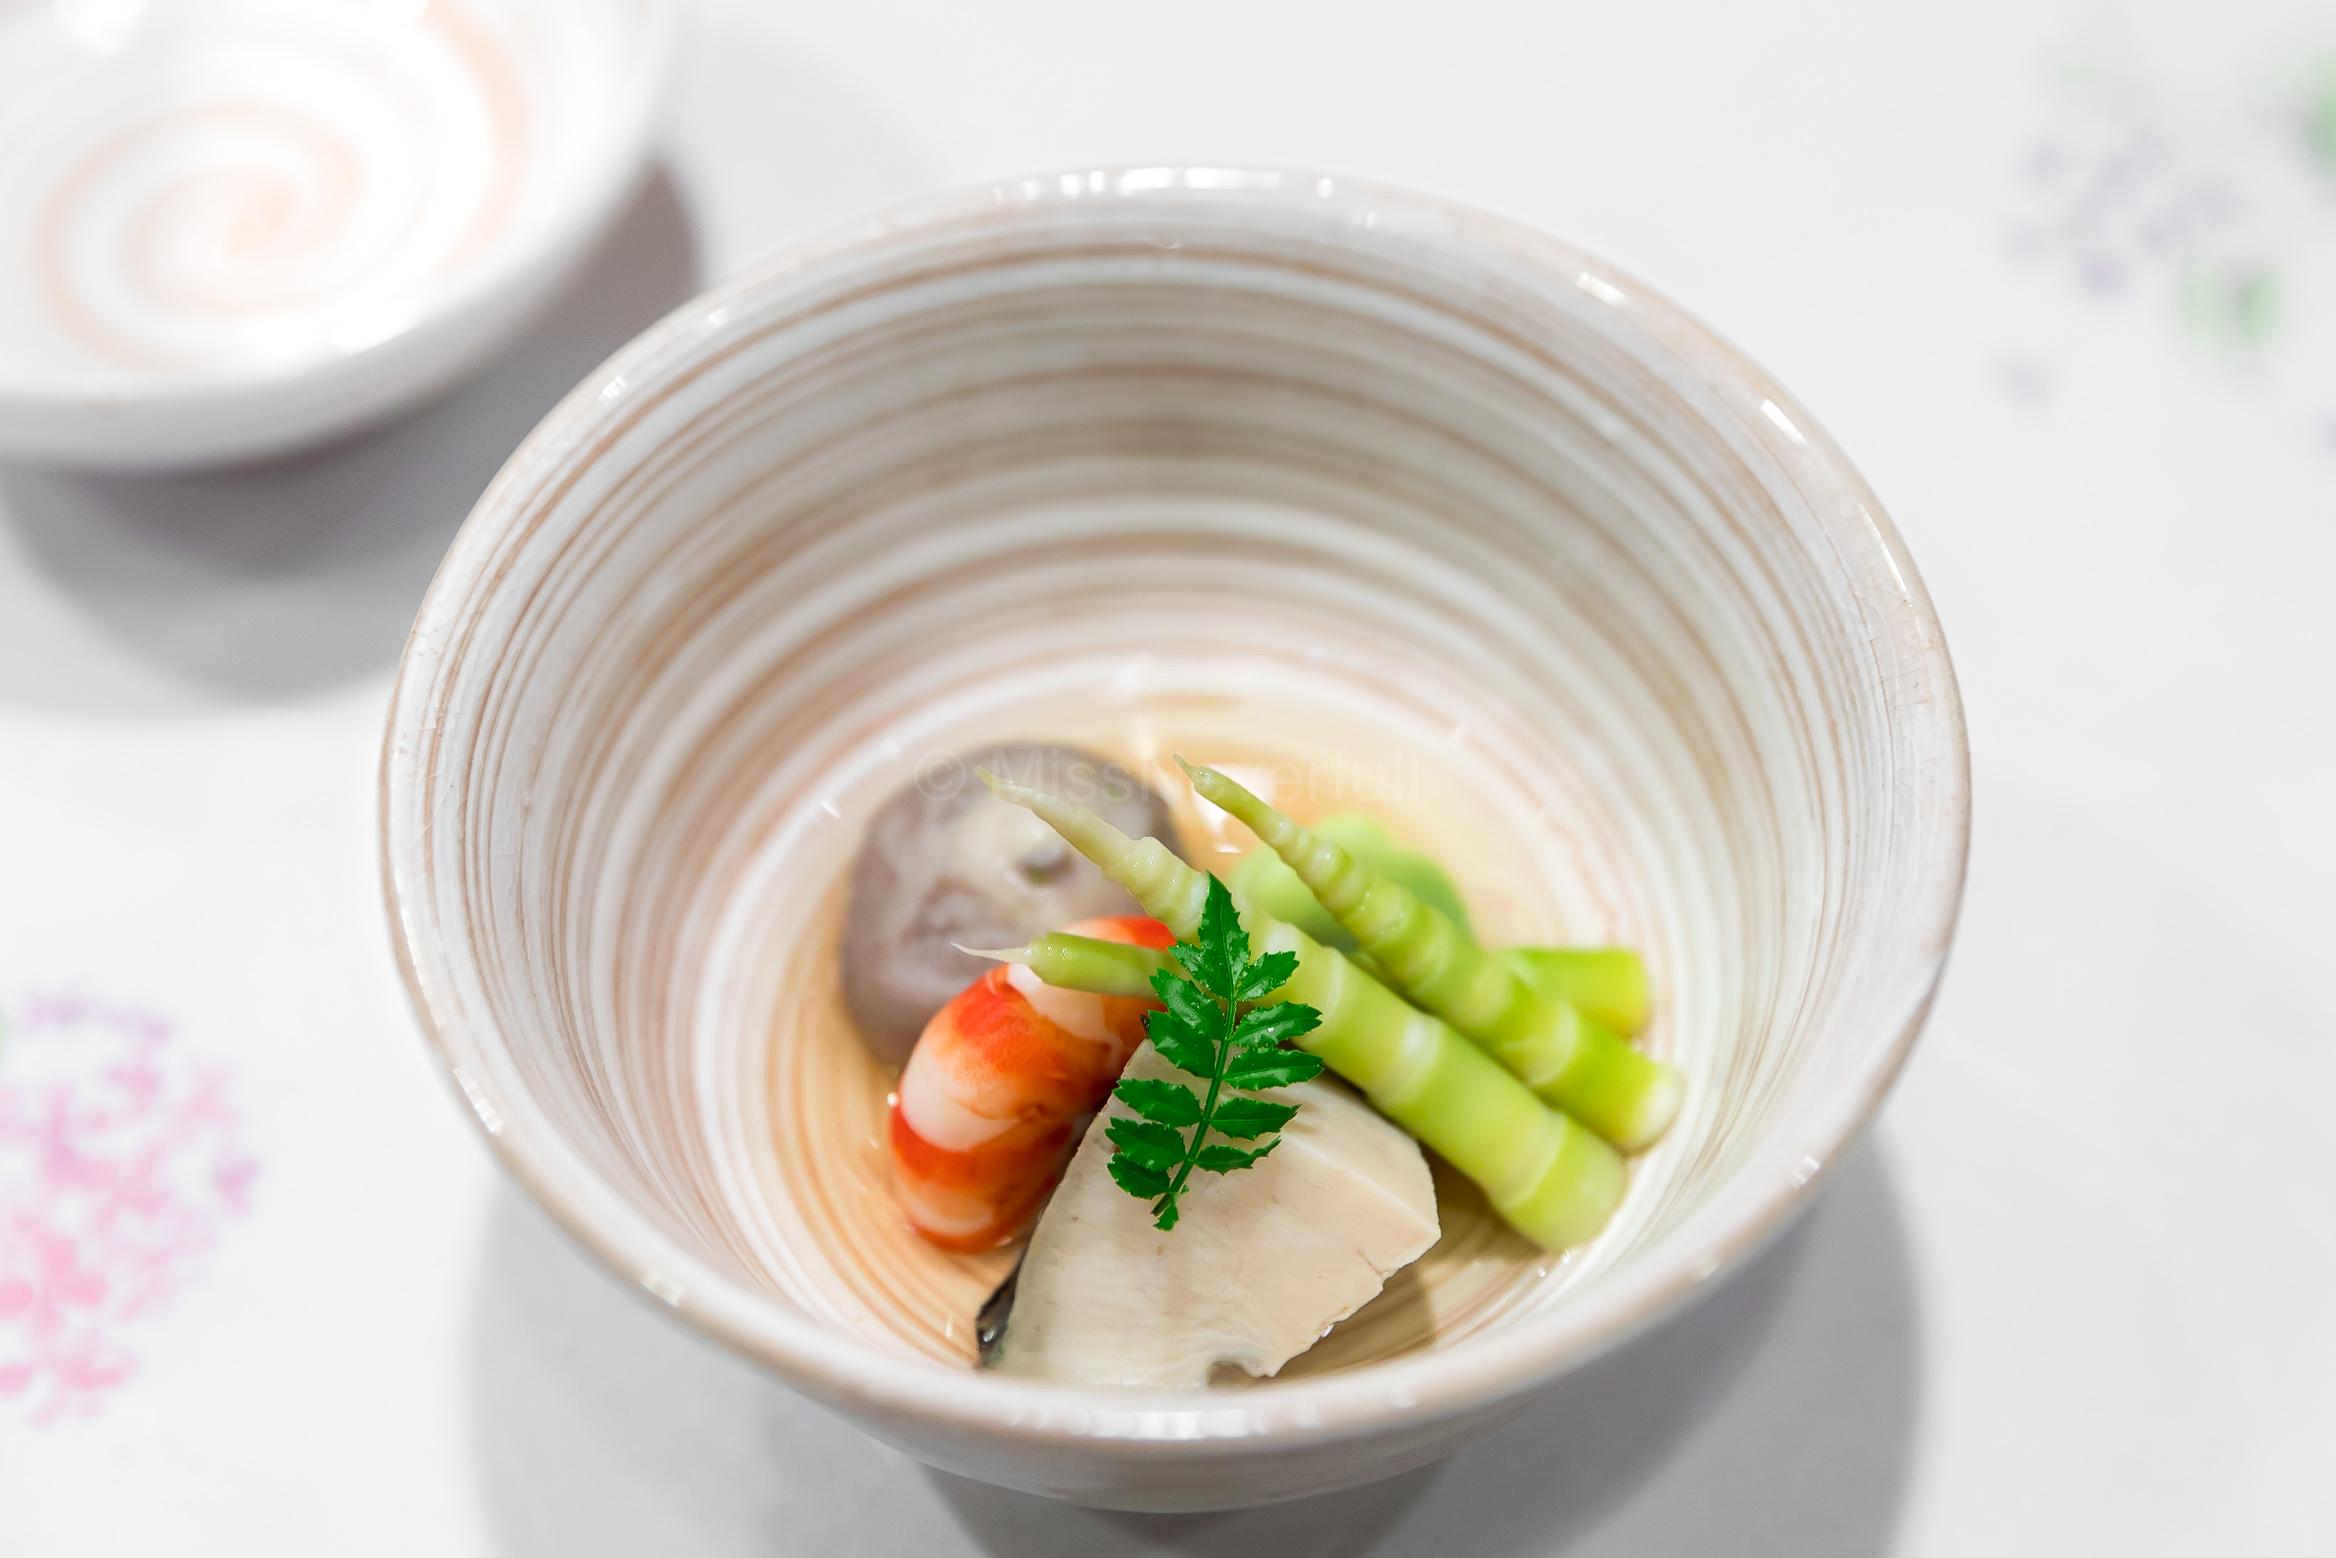 11. Simmered sato-imo (taro), bamboo shoots from Aomori, ebi | 煮物:里芋、青森の筍、海老、北海道の鮑、空豆